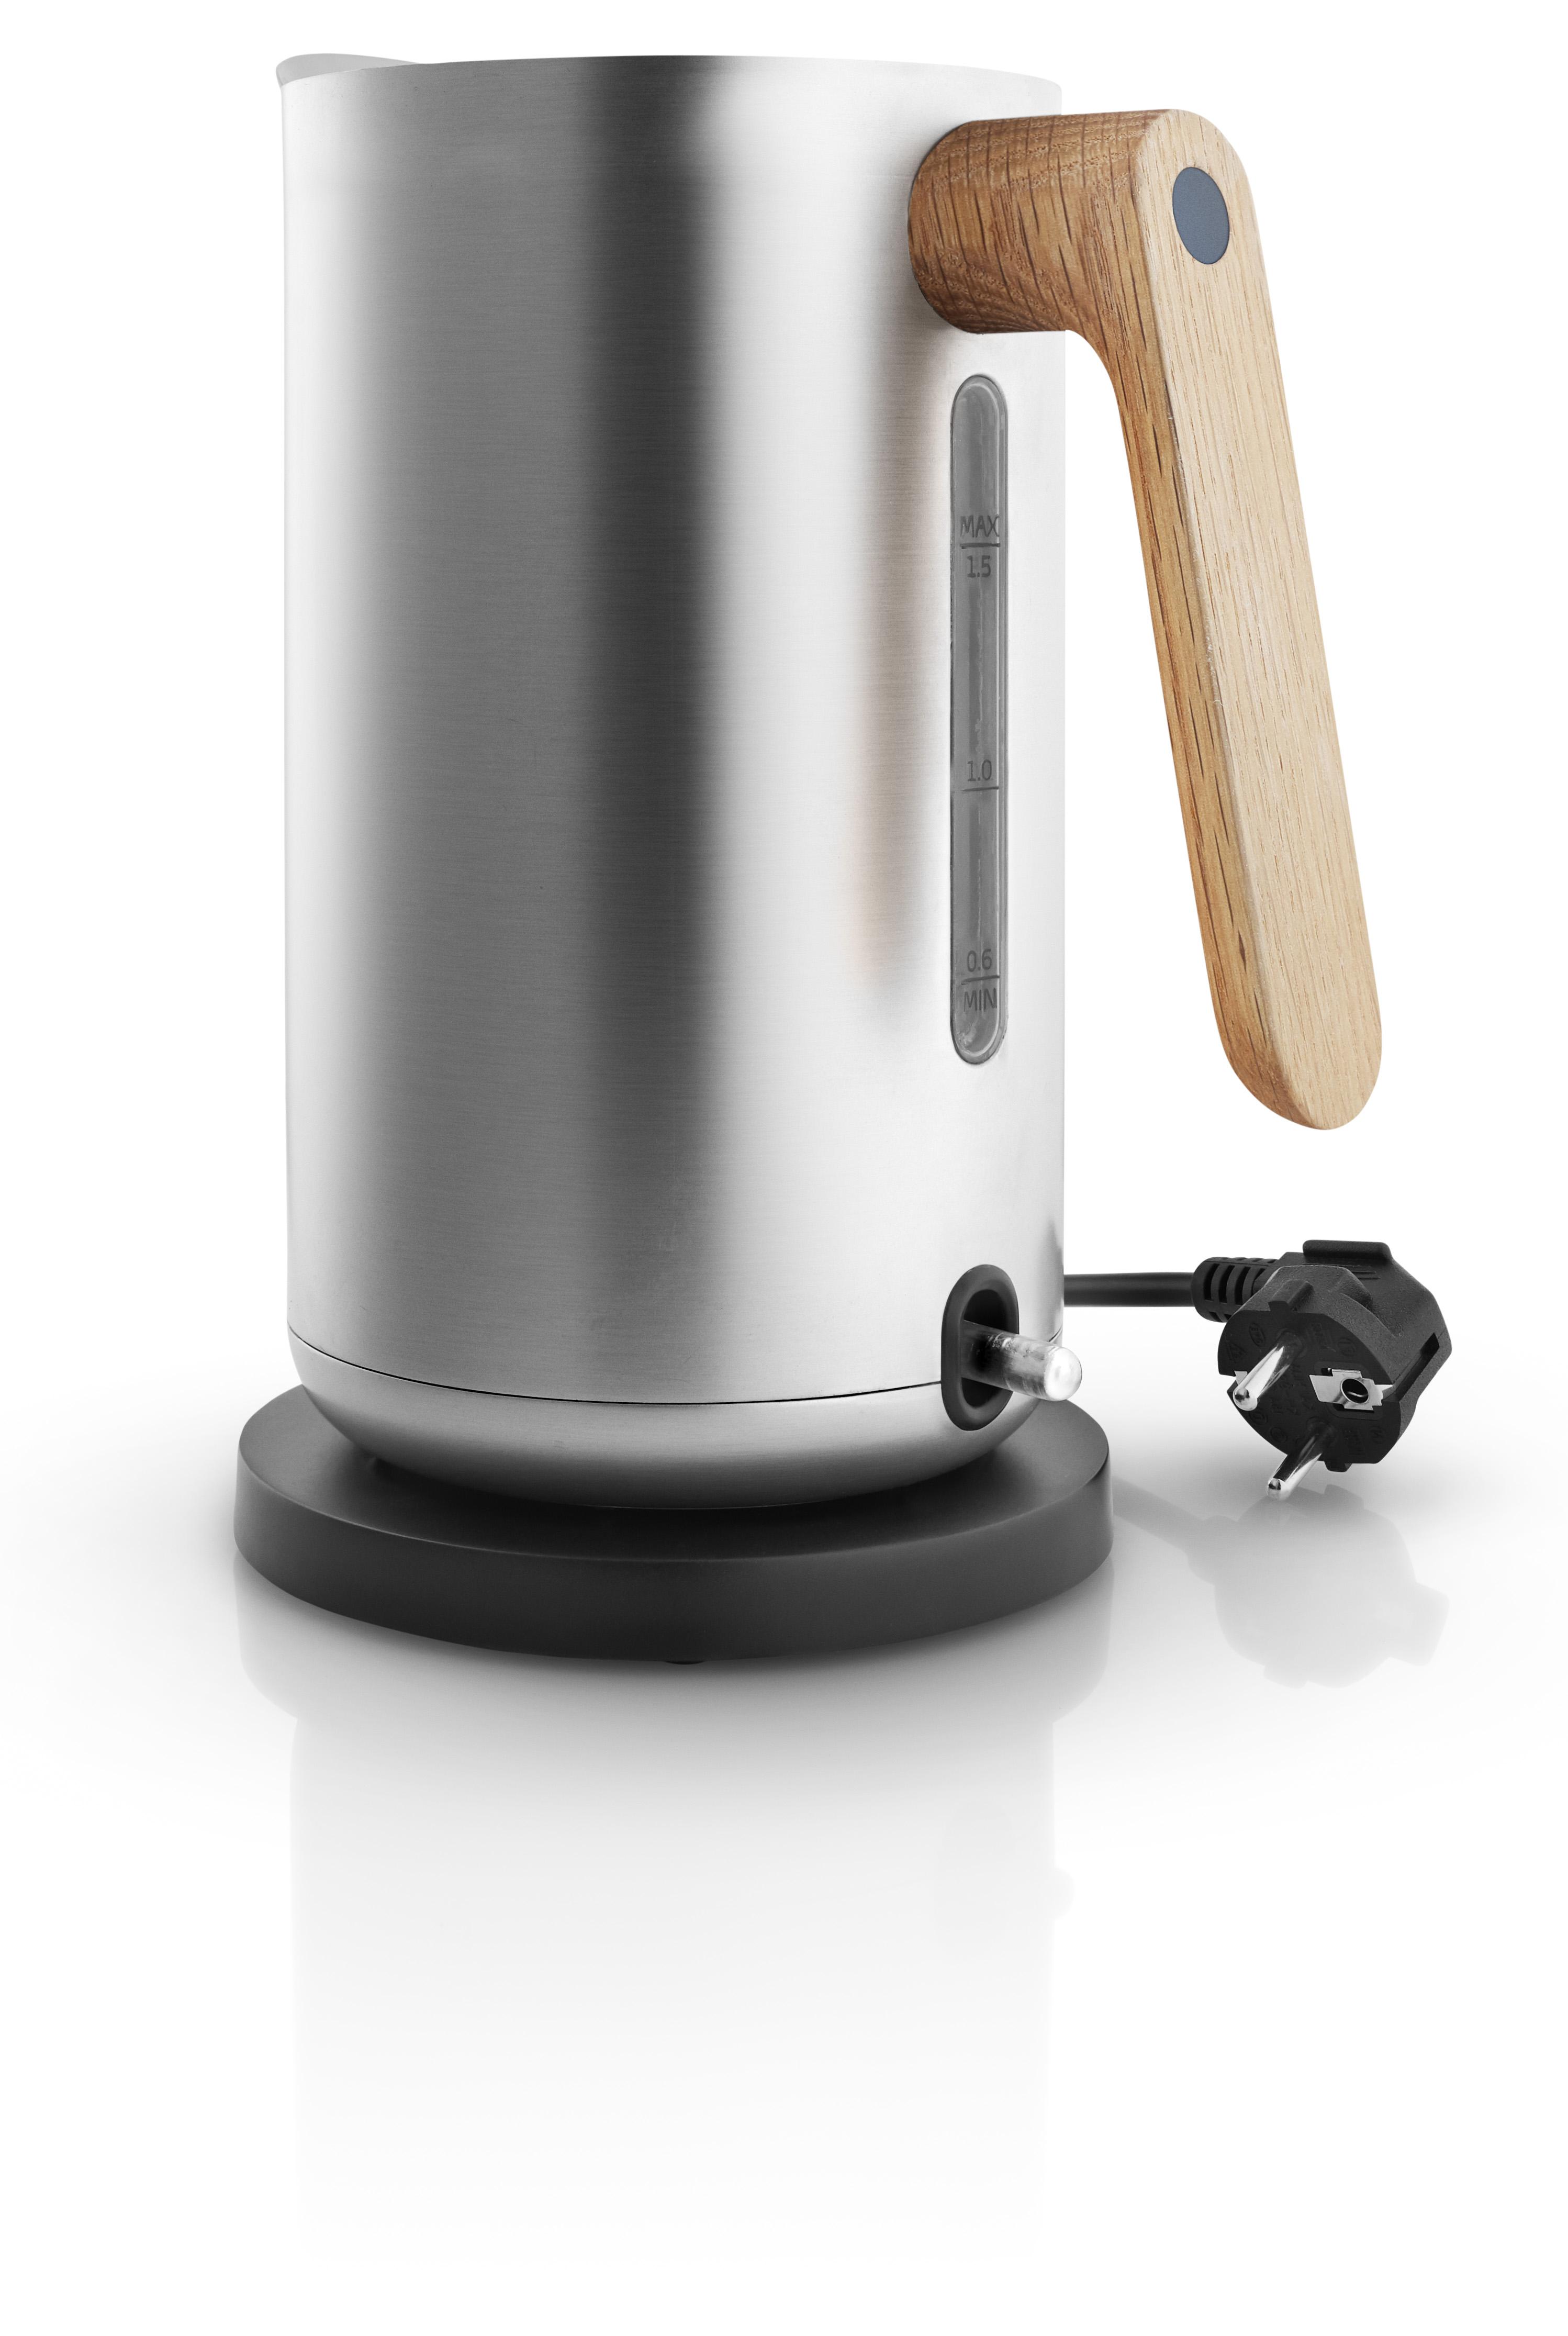 Eva Solo - Nordic Kitchen Wasserkocher (502740)